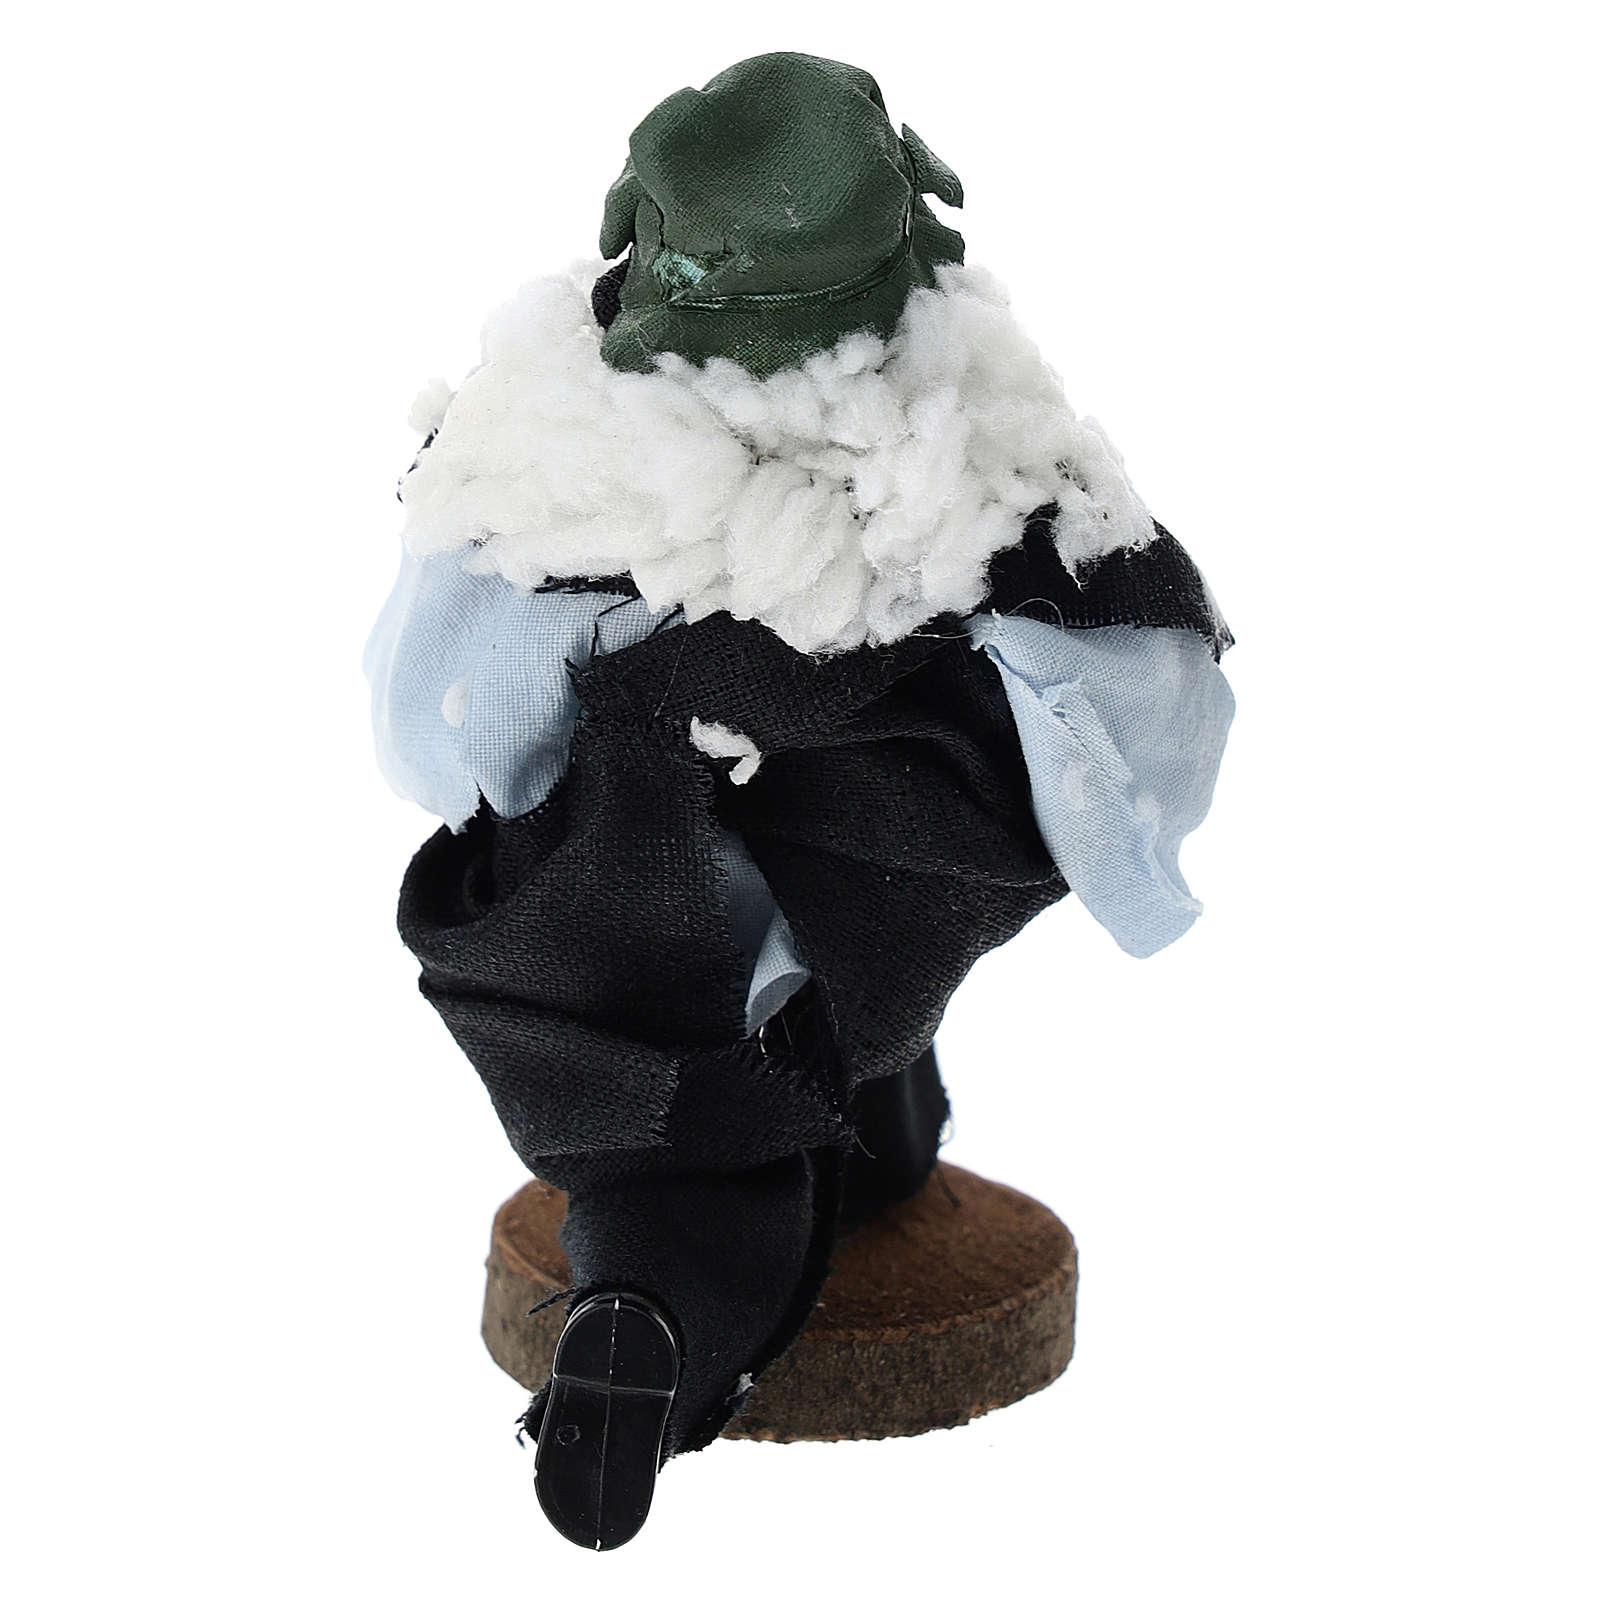 Pastor de rodillas terracota y plástico belén de 12 cm 3